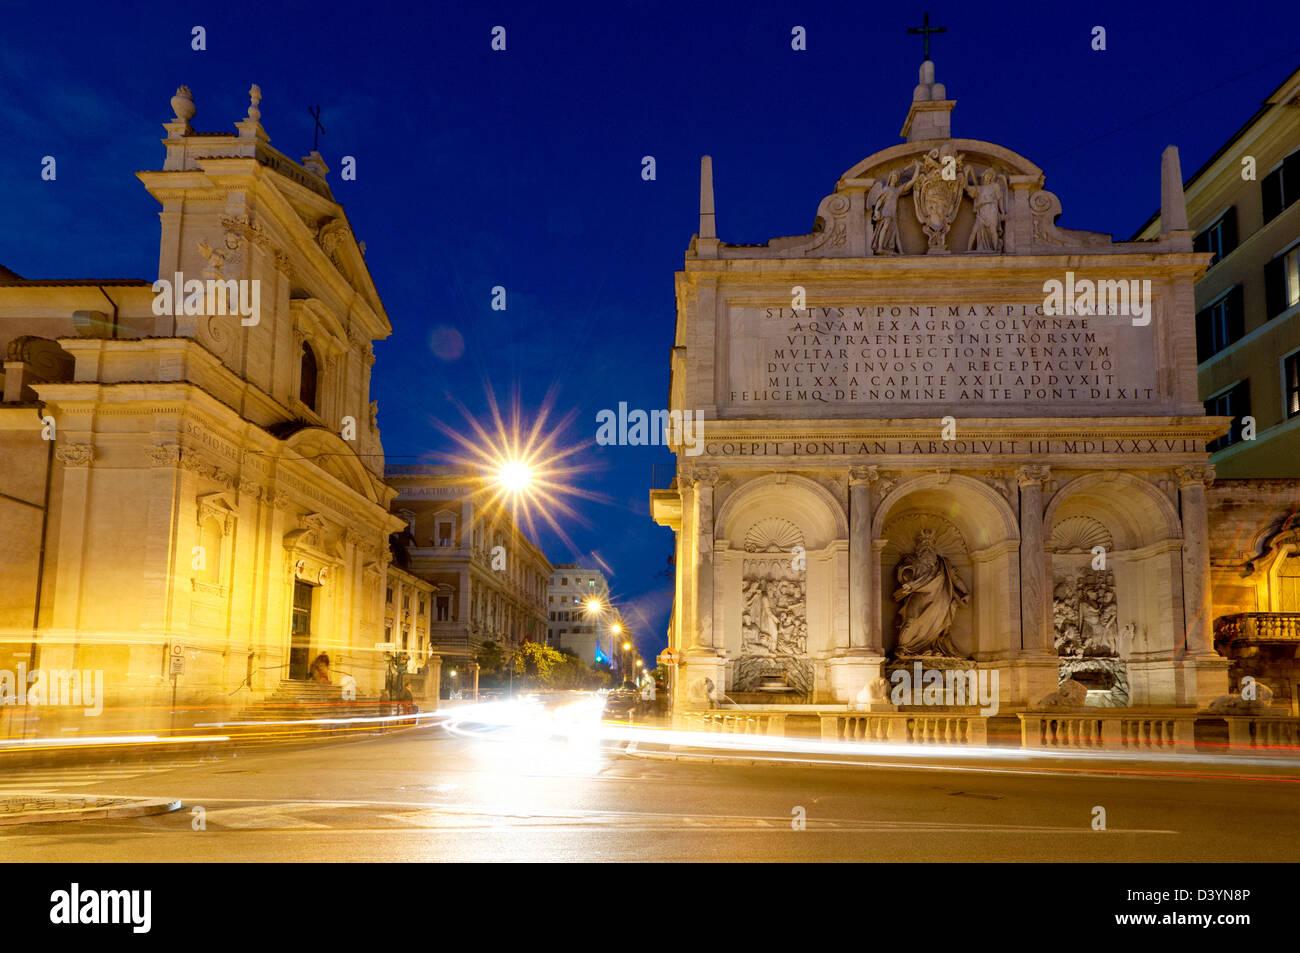 Fontana dell'Acqua Felice in Piazza di San Bernardo, Rome Italy - Stock Image